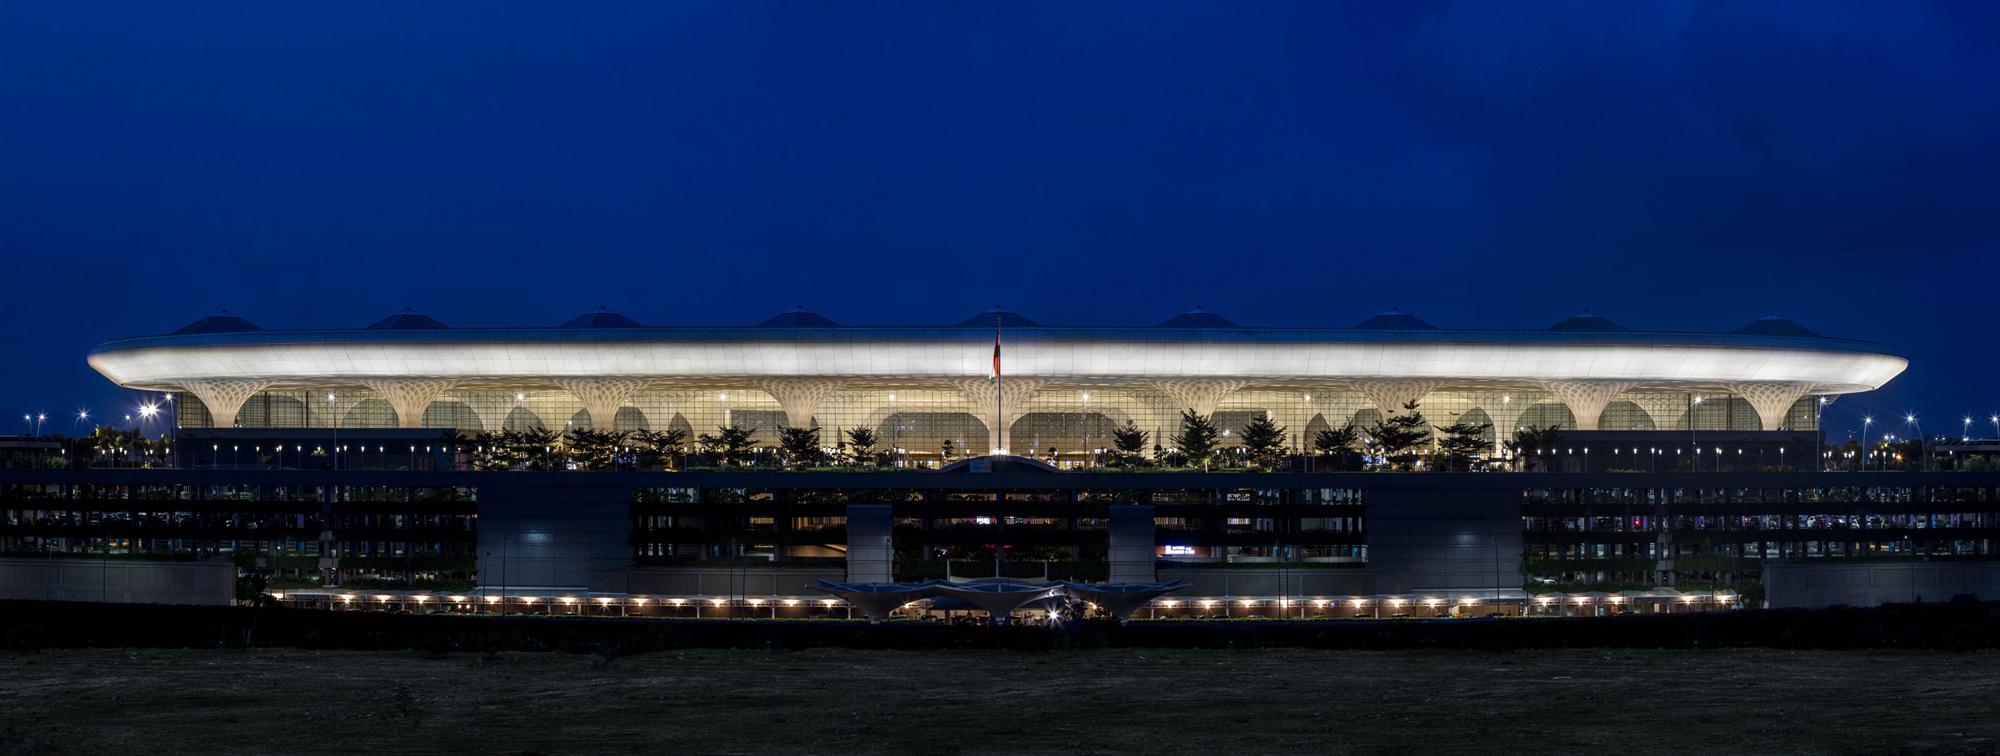 MumbaiAirport_015.jpg